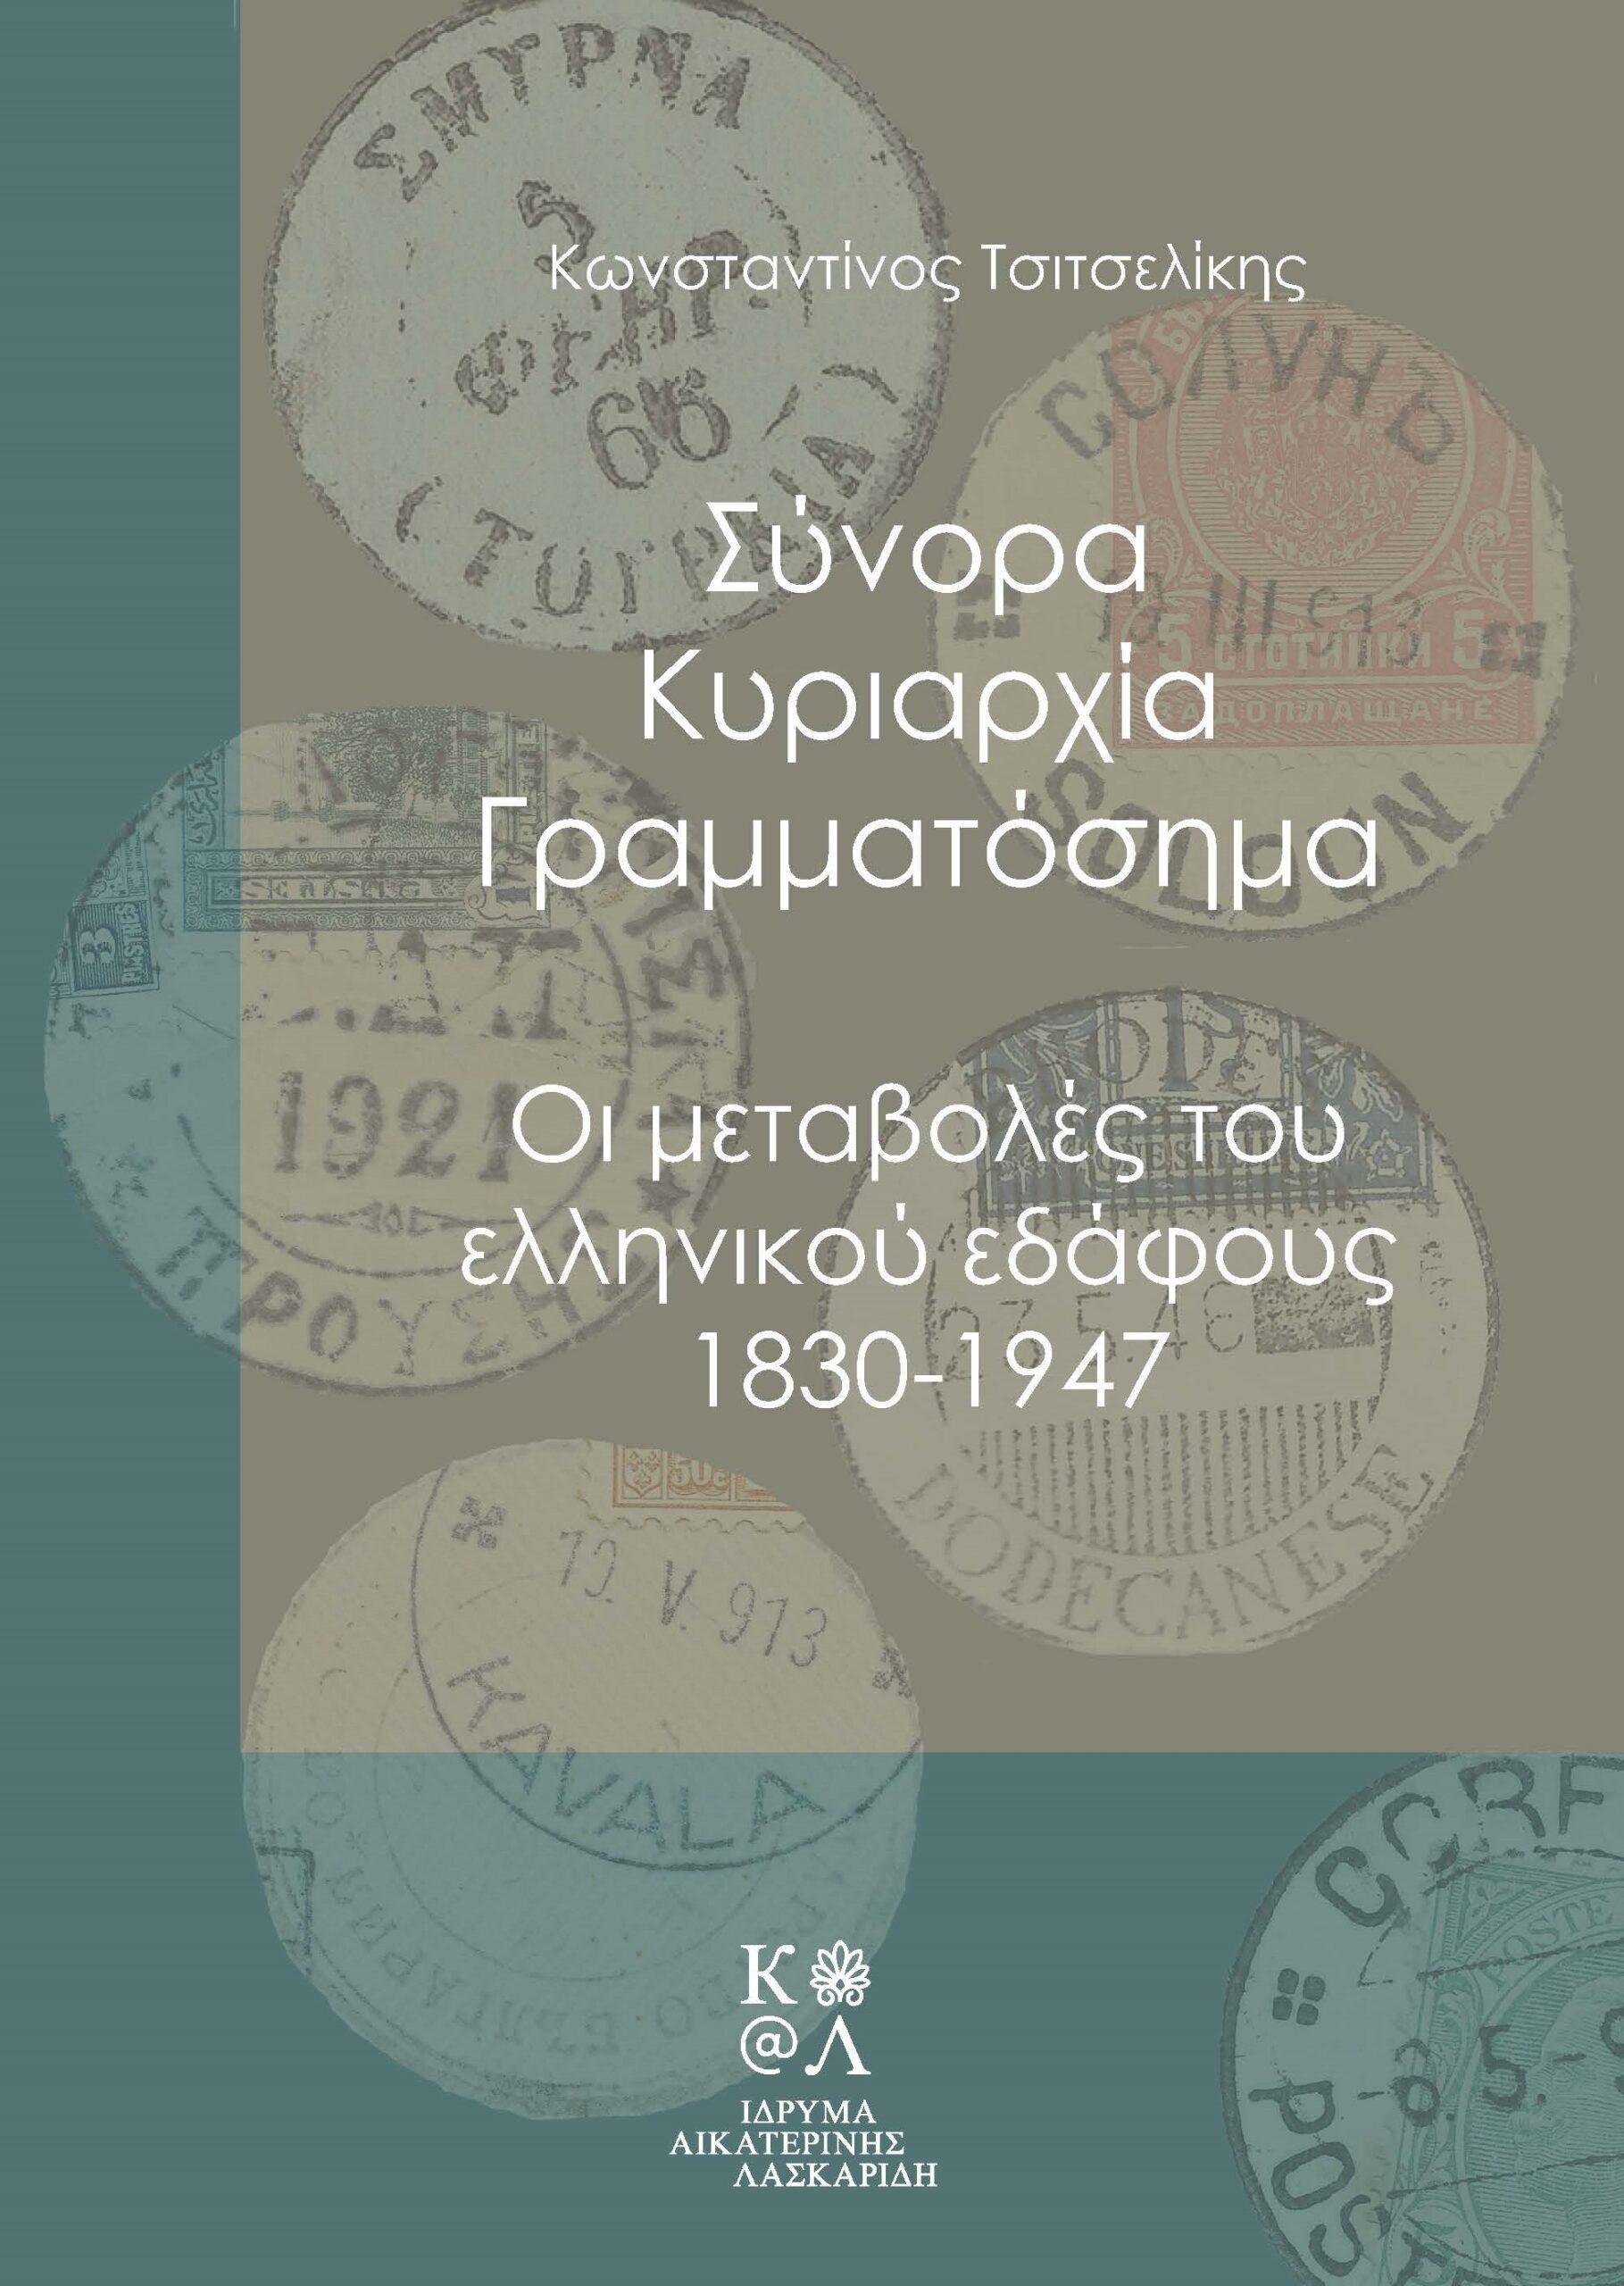 Σύνορα, κυριαρχία, γραμματόσημα, Οι μεταβολές του ελληνικού εδάφους 1830-1947, Τσιτσελίκης, Κωνσταντίνος, 1967-, Ίδρυμα Αικατερίνης Λασκαρίδη, 2021